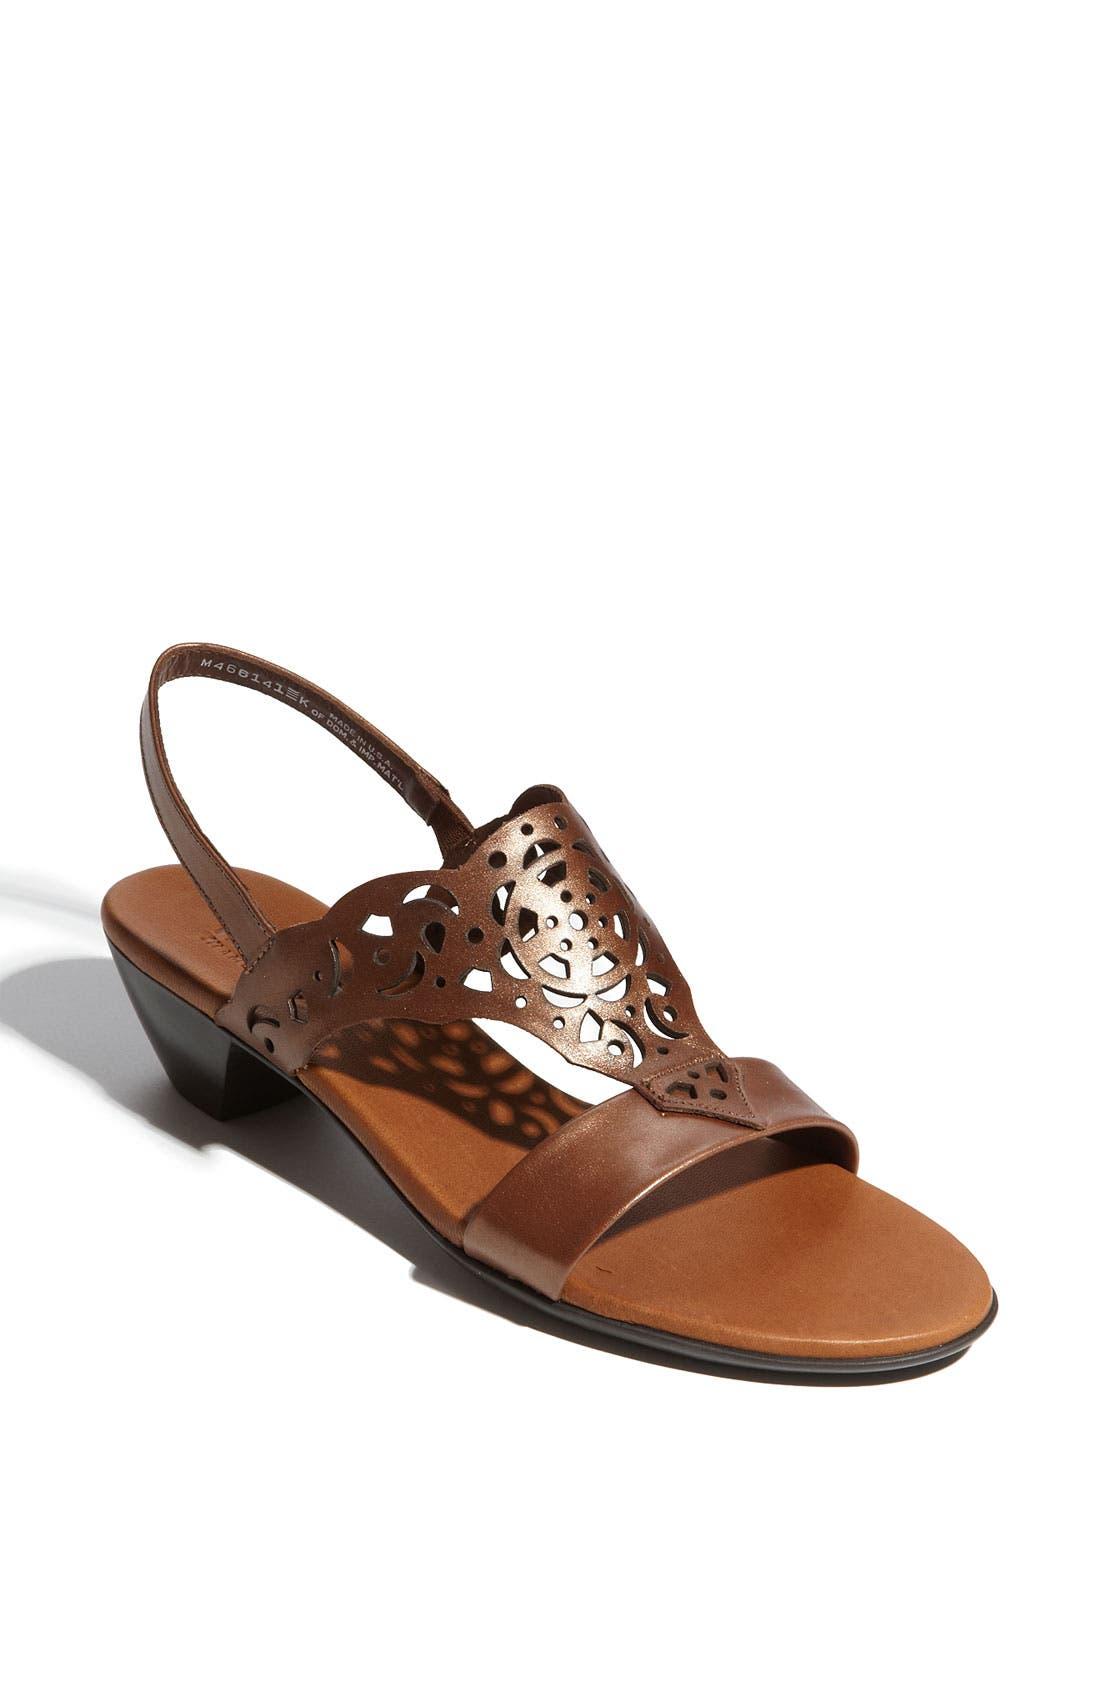 Alternate Image 1 Selected - Munro 'Tahiti' Sandal